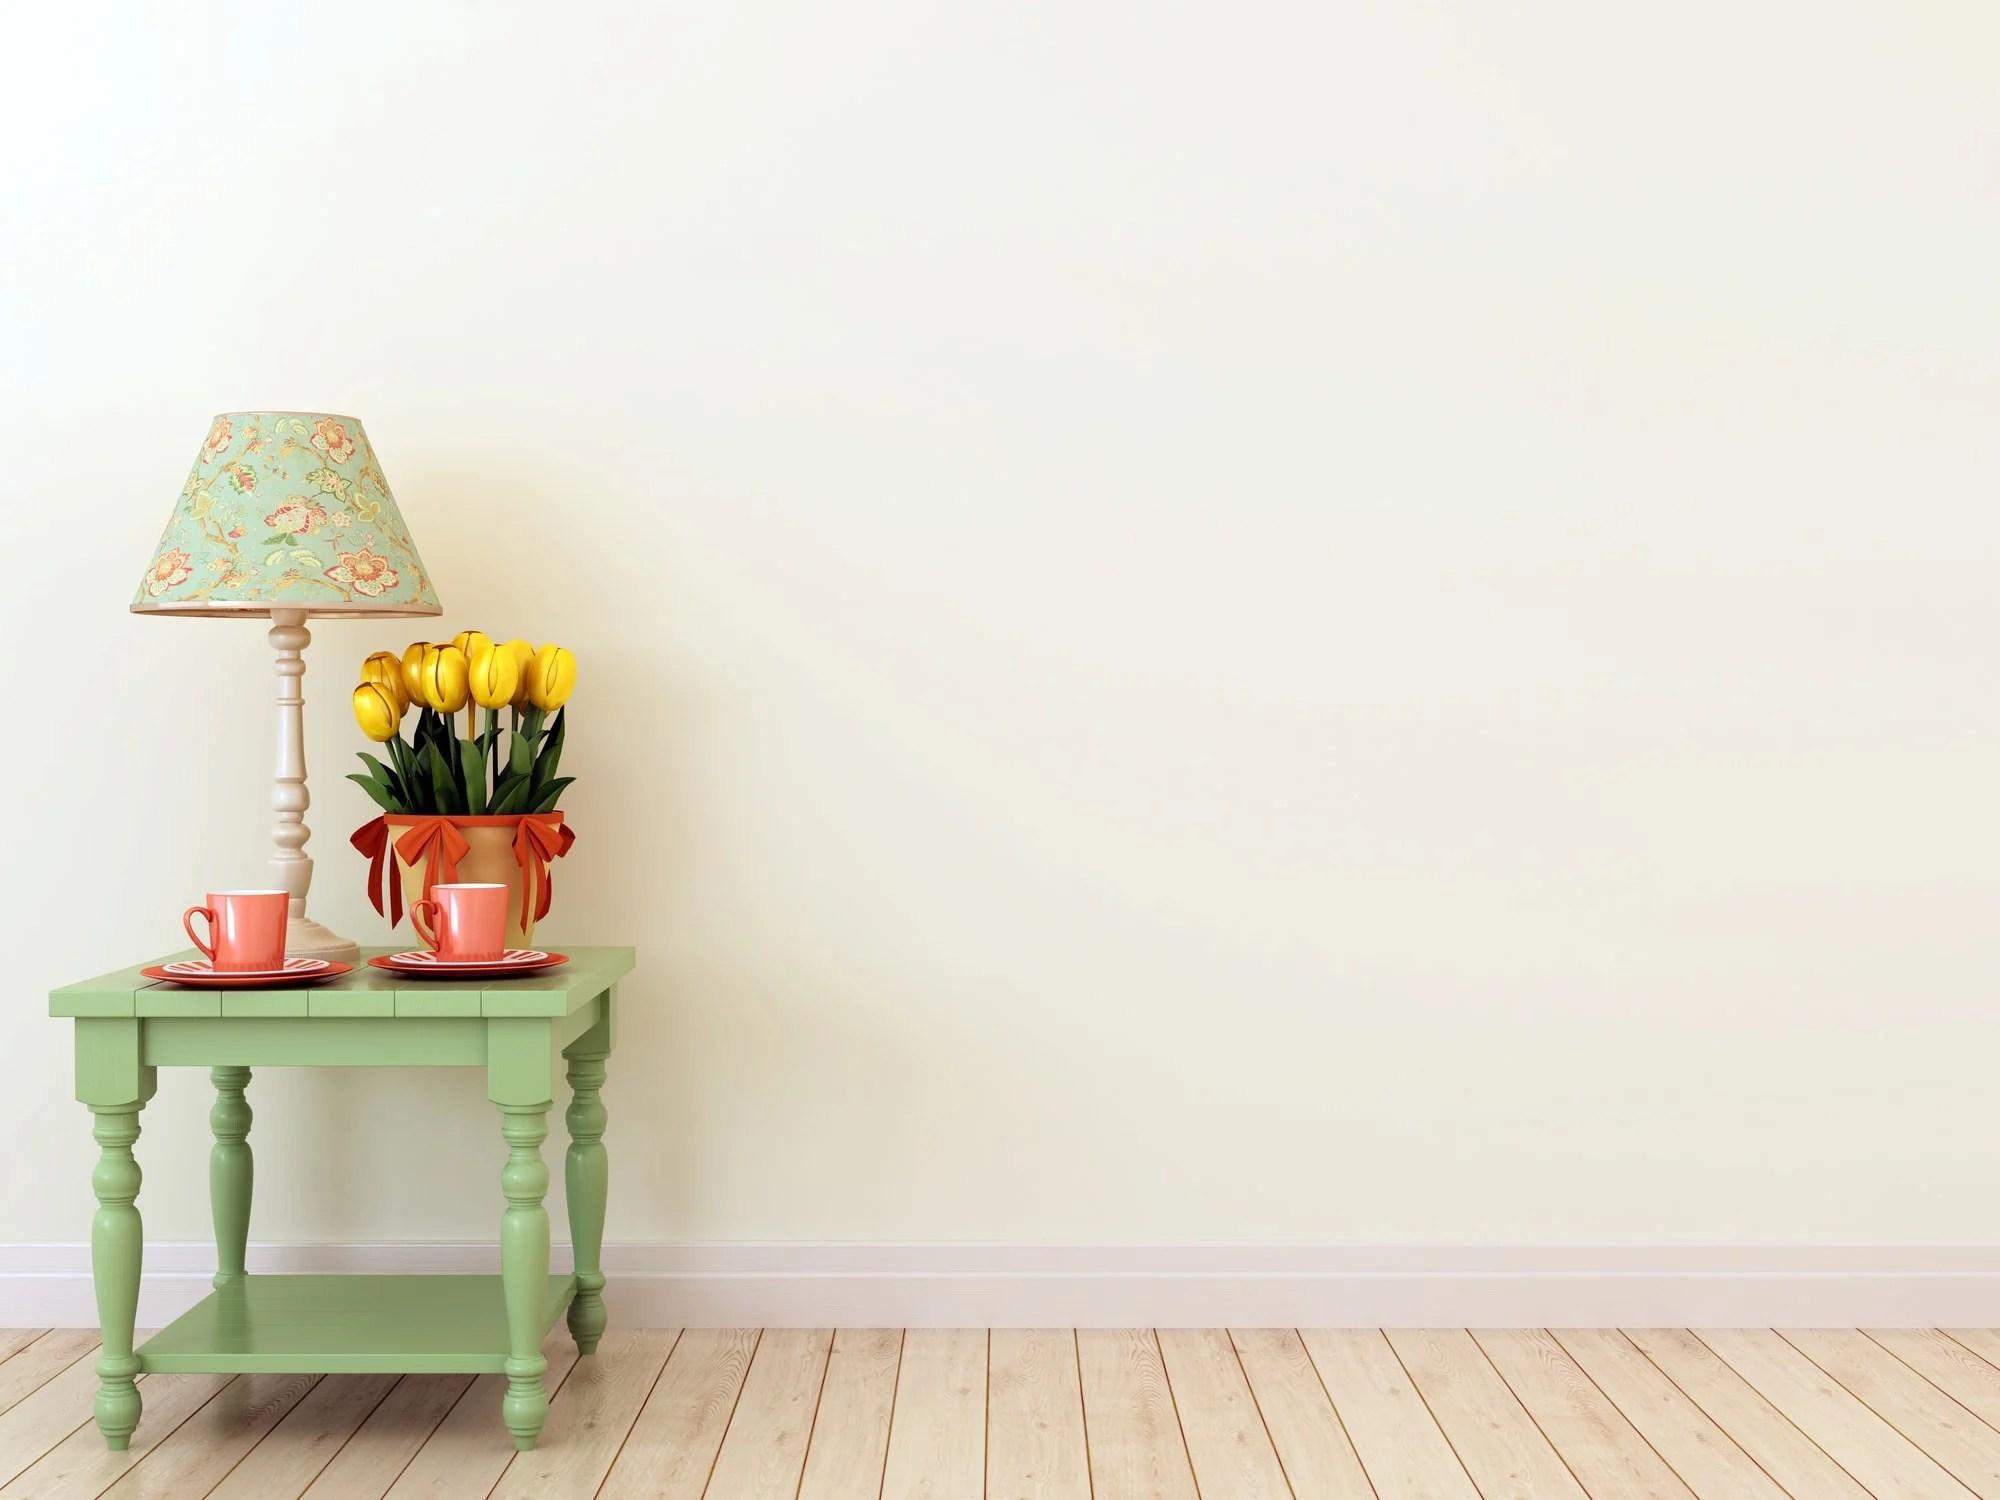 Cream colored walls